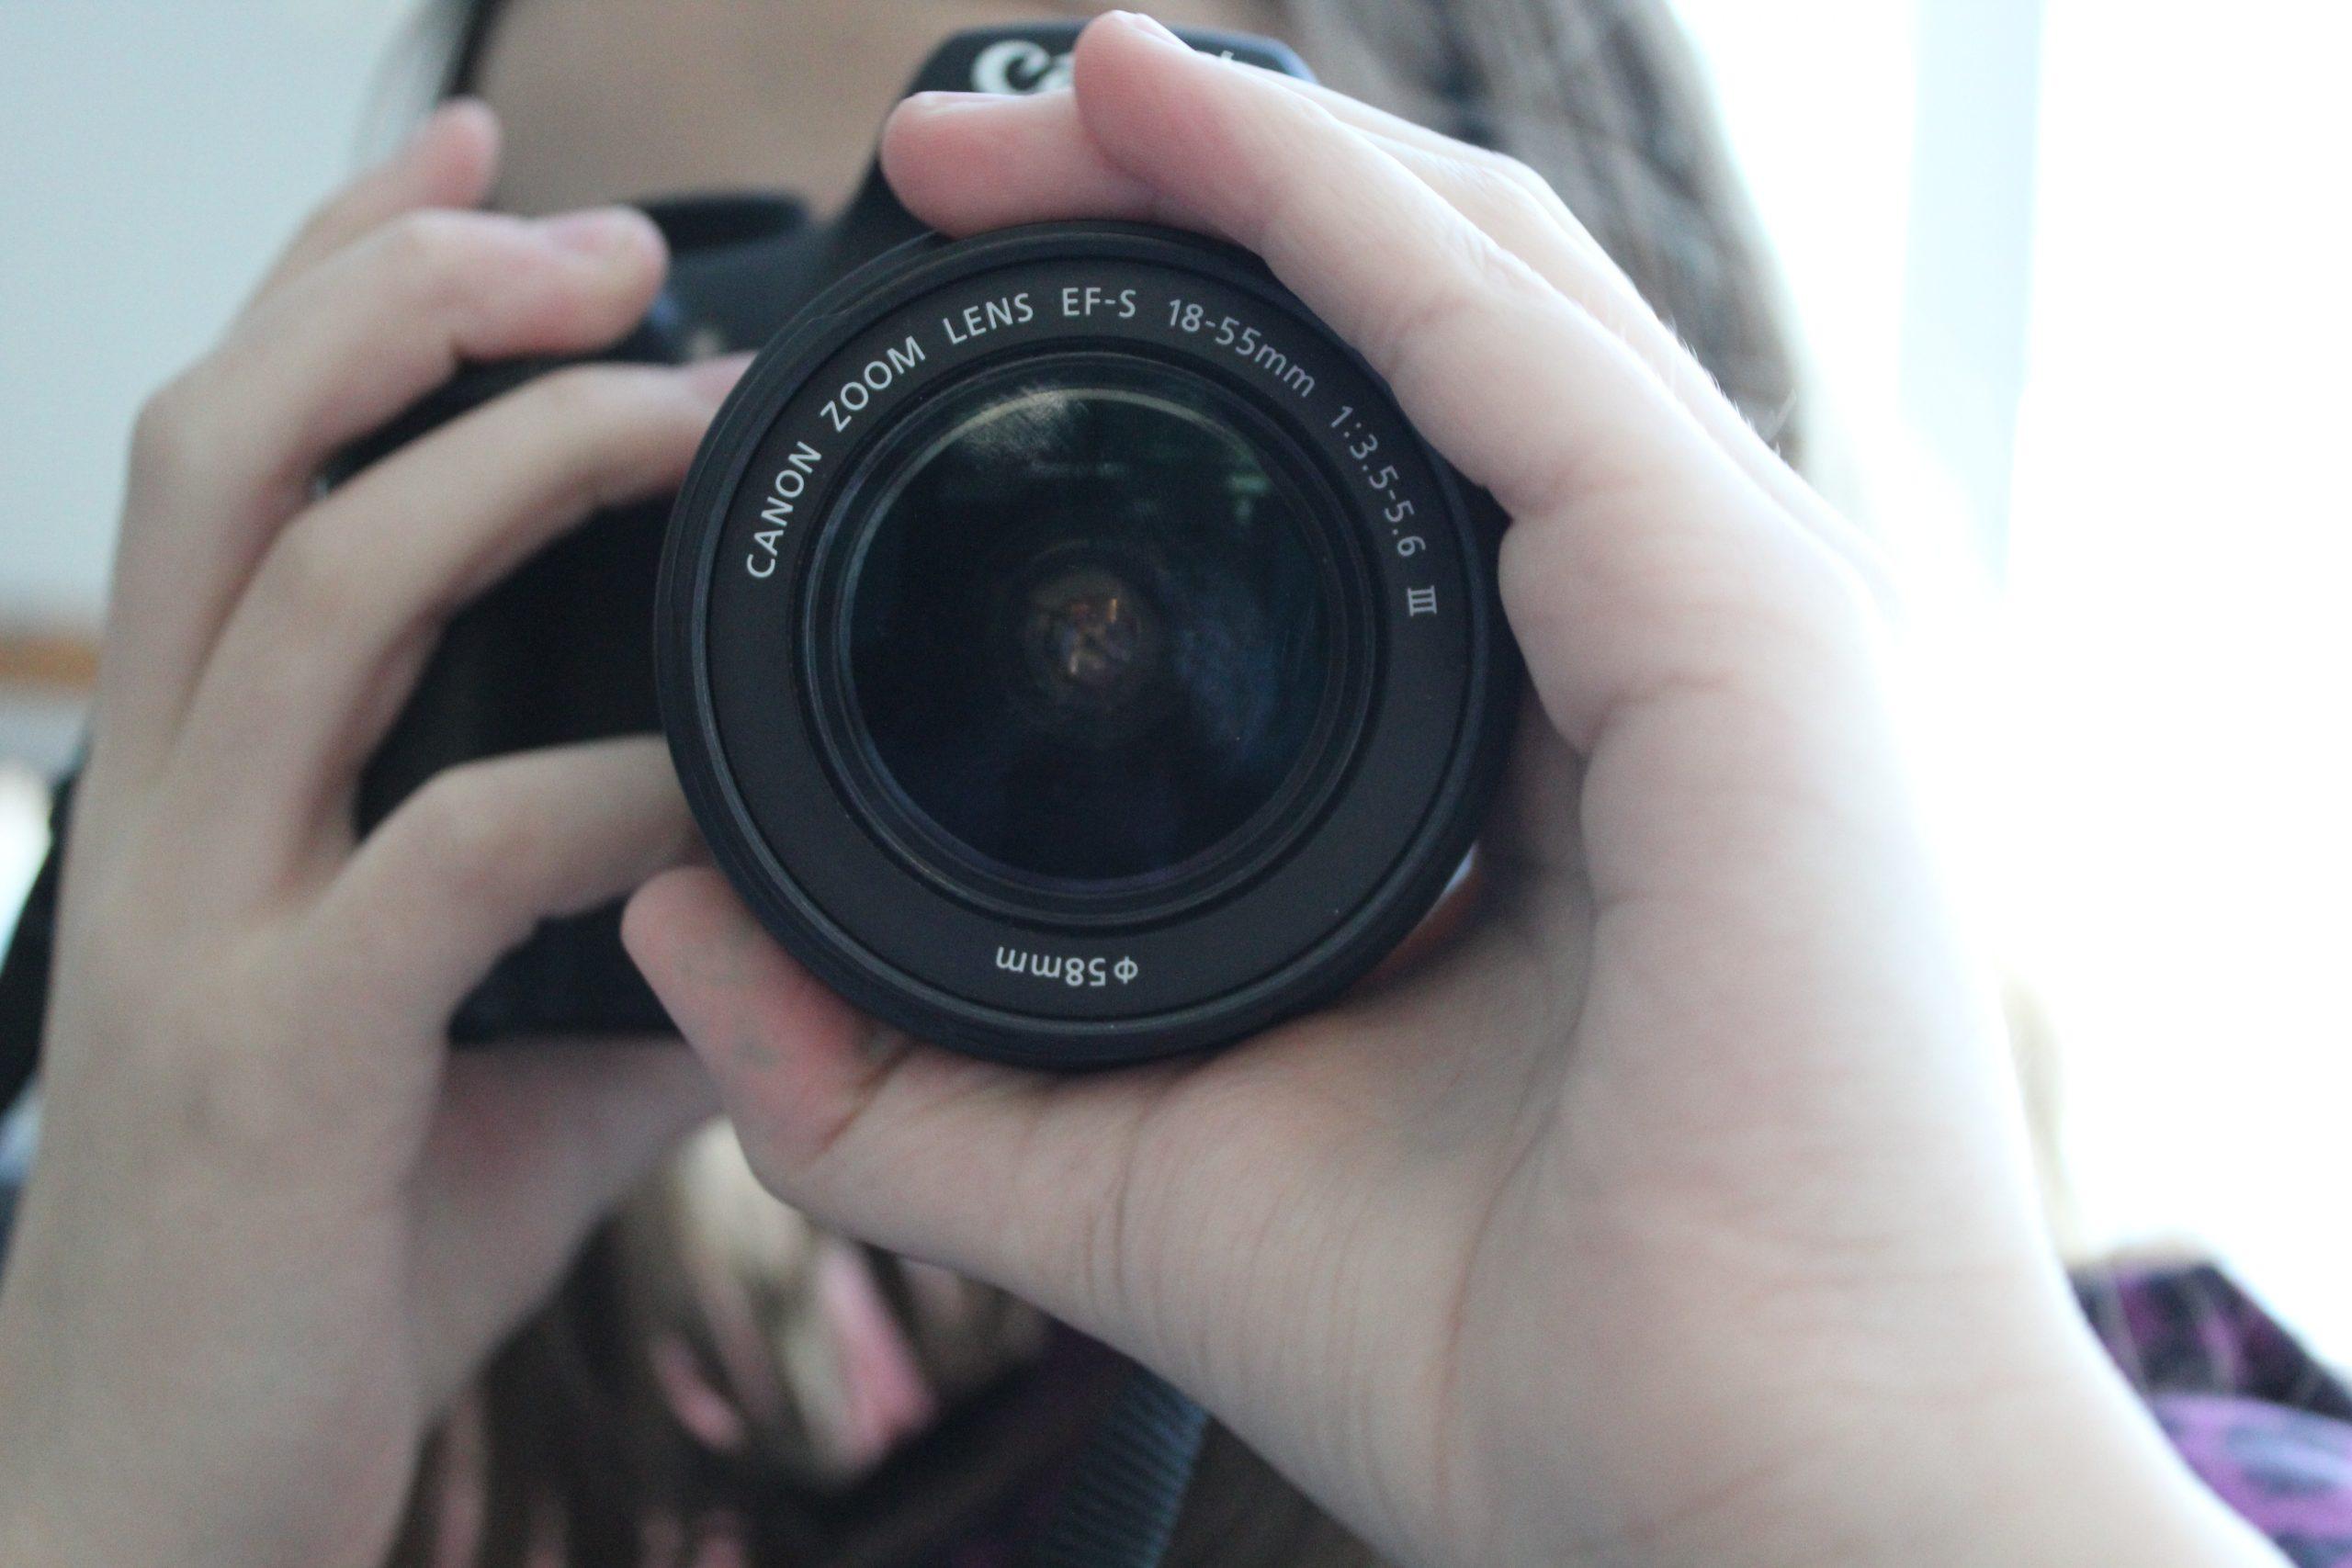 Nuori ottamassa valokuvaa järjestelmäkameralla